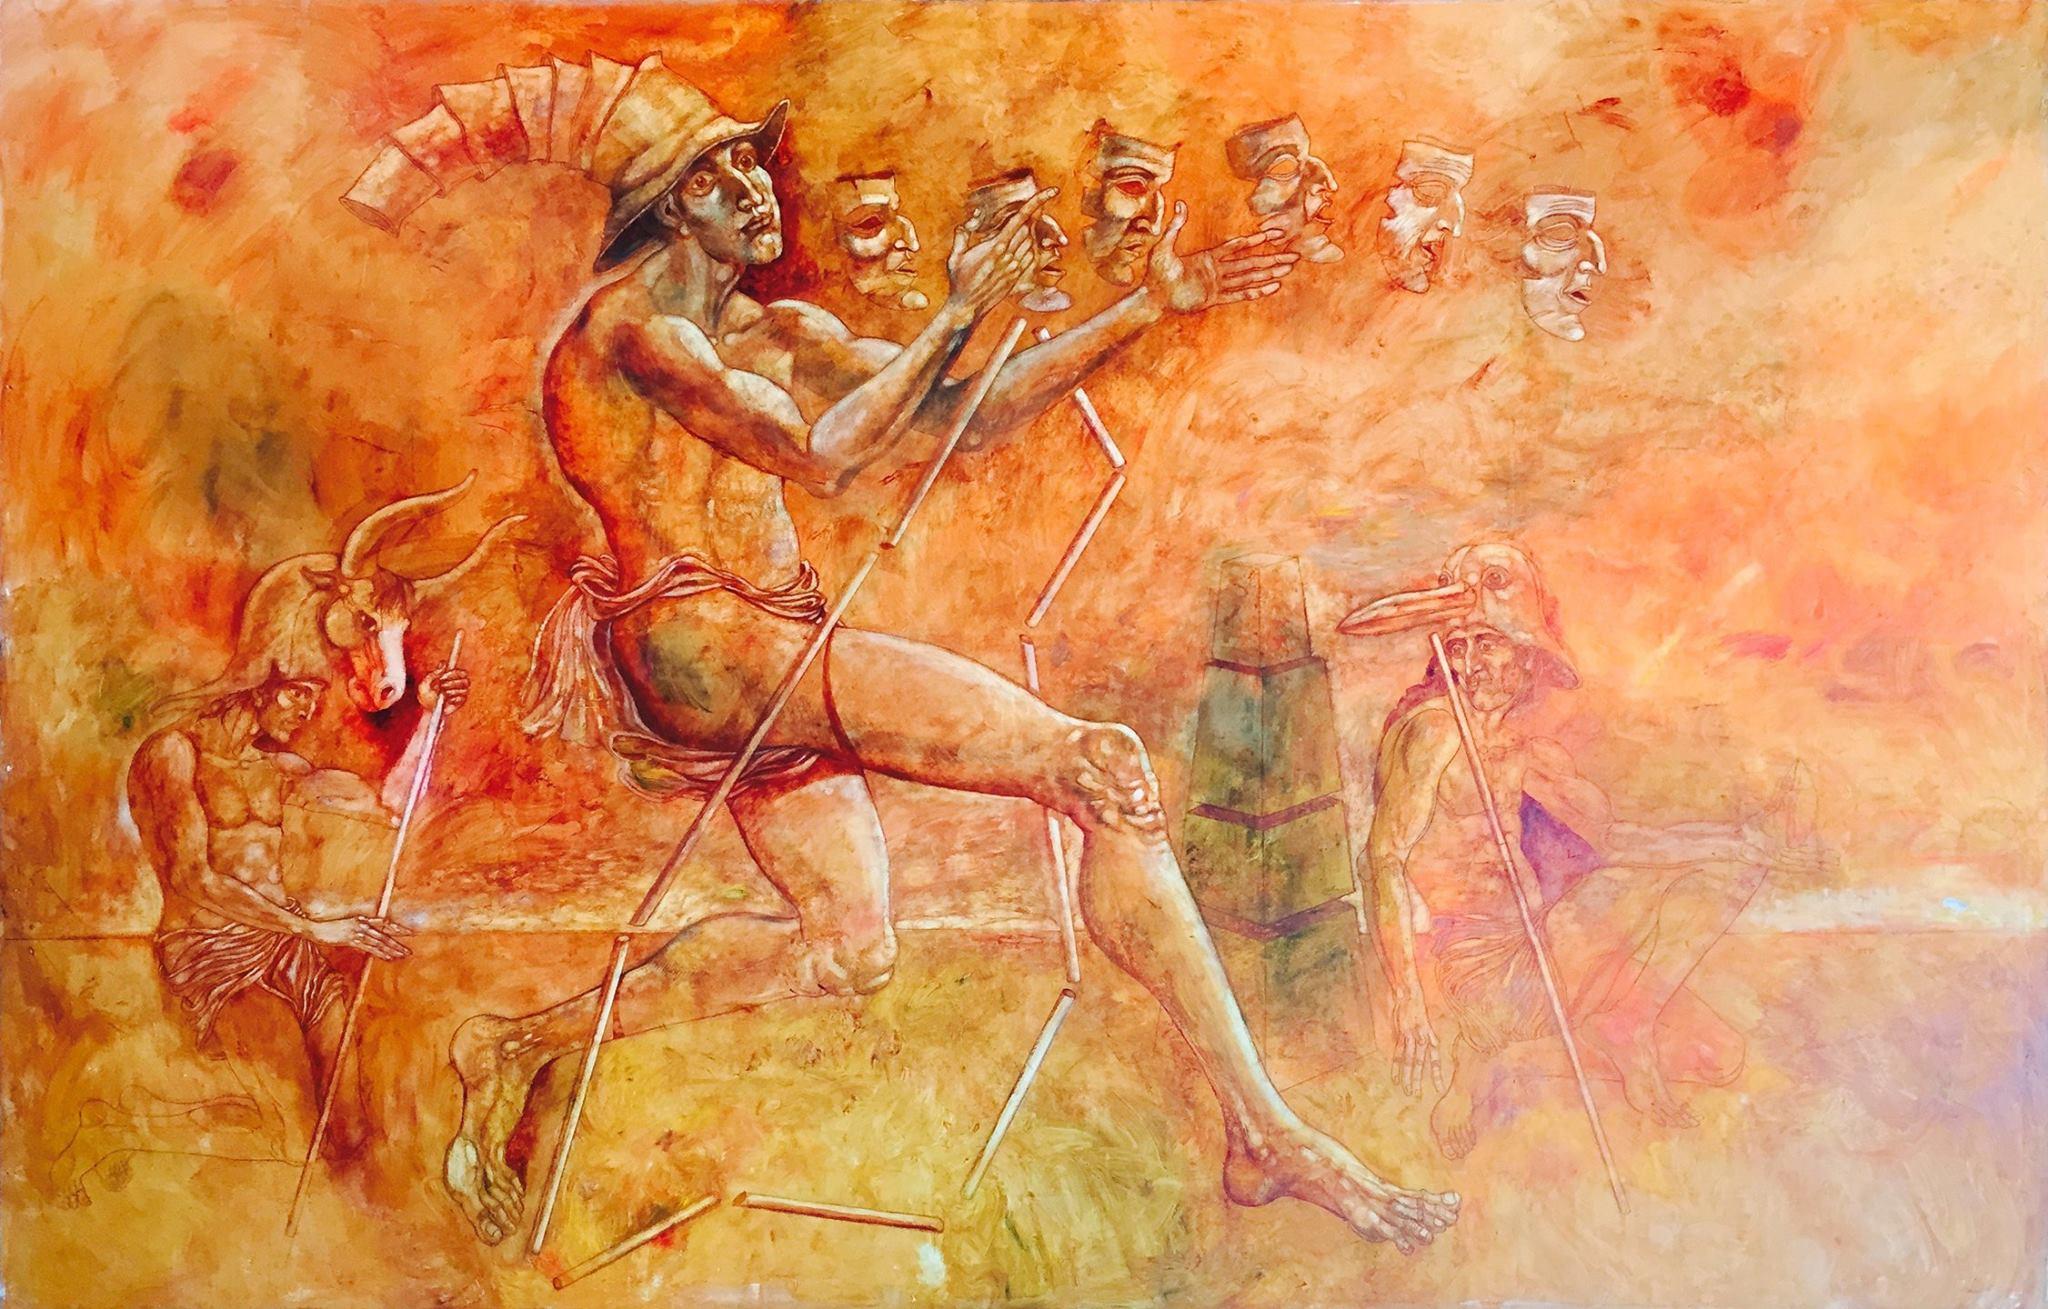 Stoimen STOILOV, Antique Theatre, 2015, oil on canvas, 195 x 285 cm